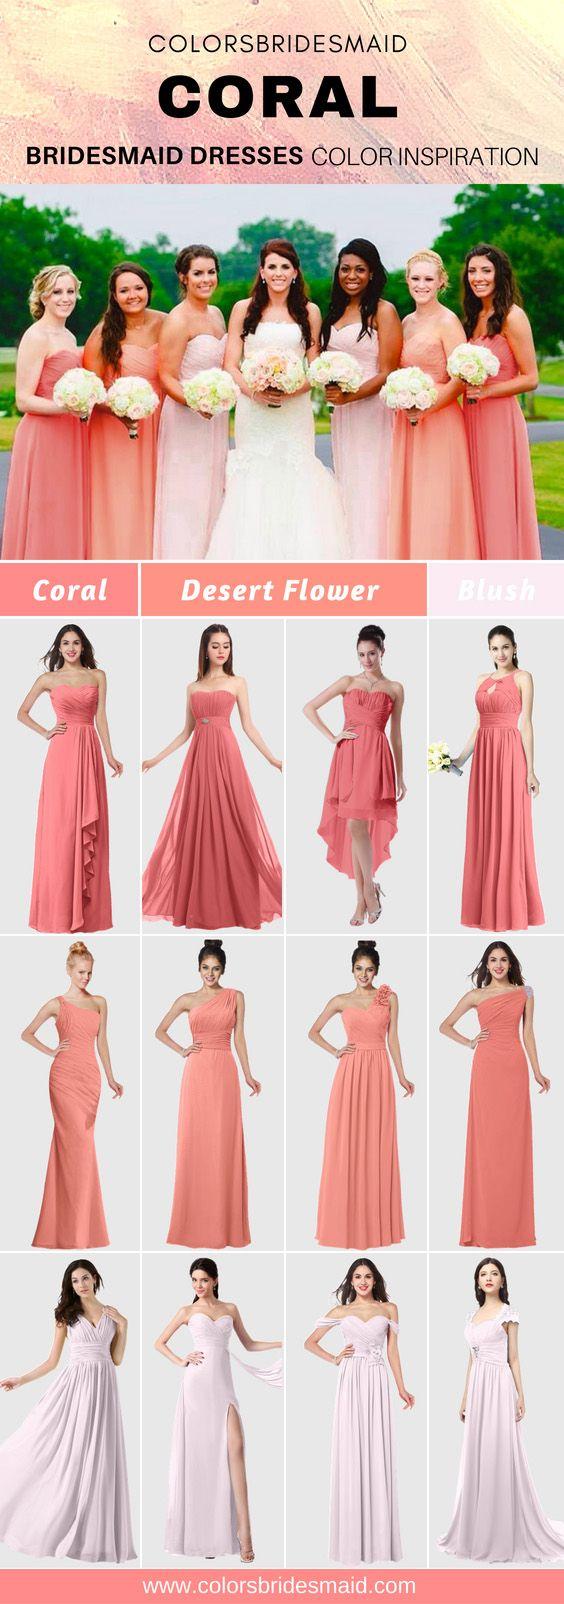 Coral Bridesmaid Dresses Coral Bridesmaid Dresses Wedding Bridesmaids Dresses Coral Wedding Bridesmaid Dresses